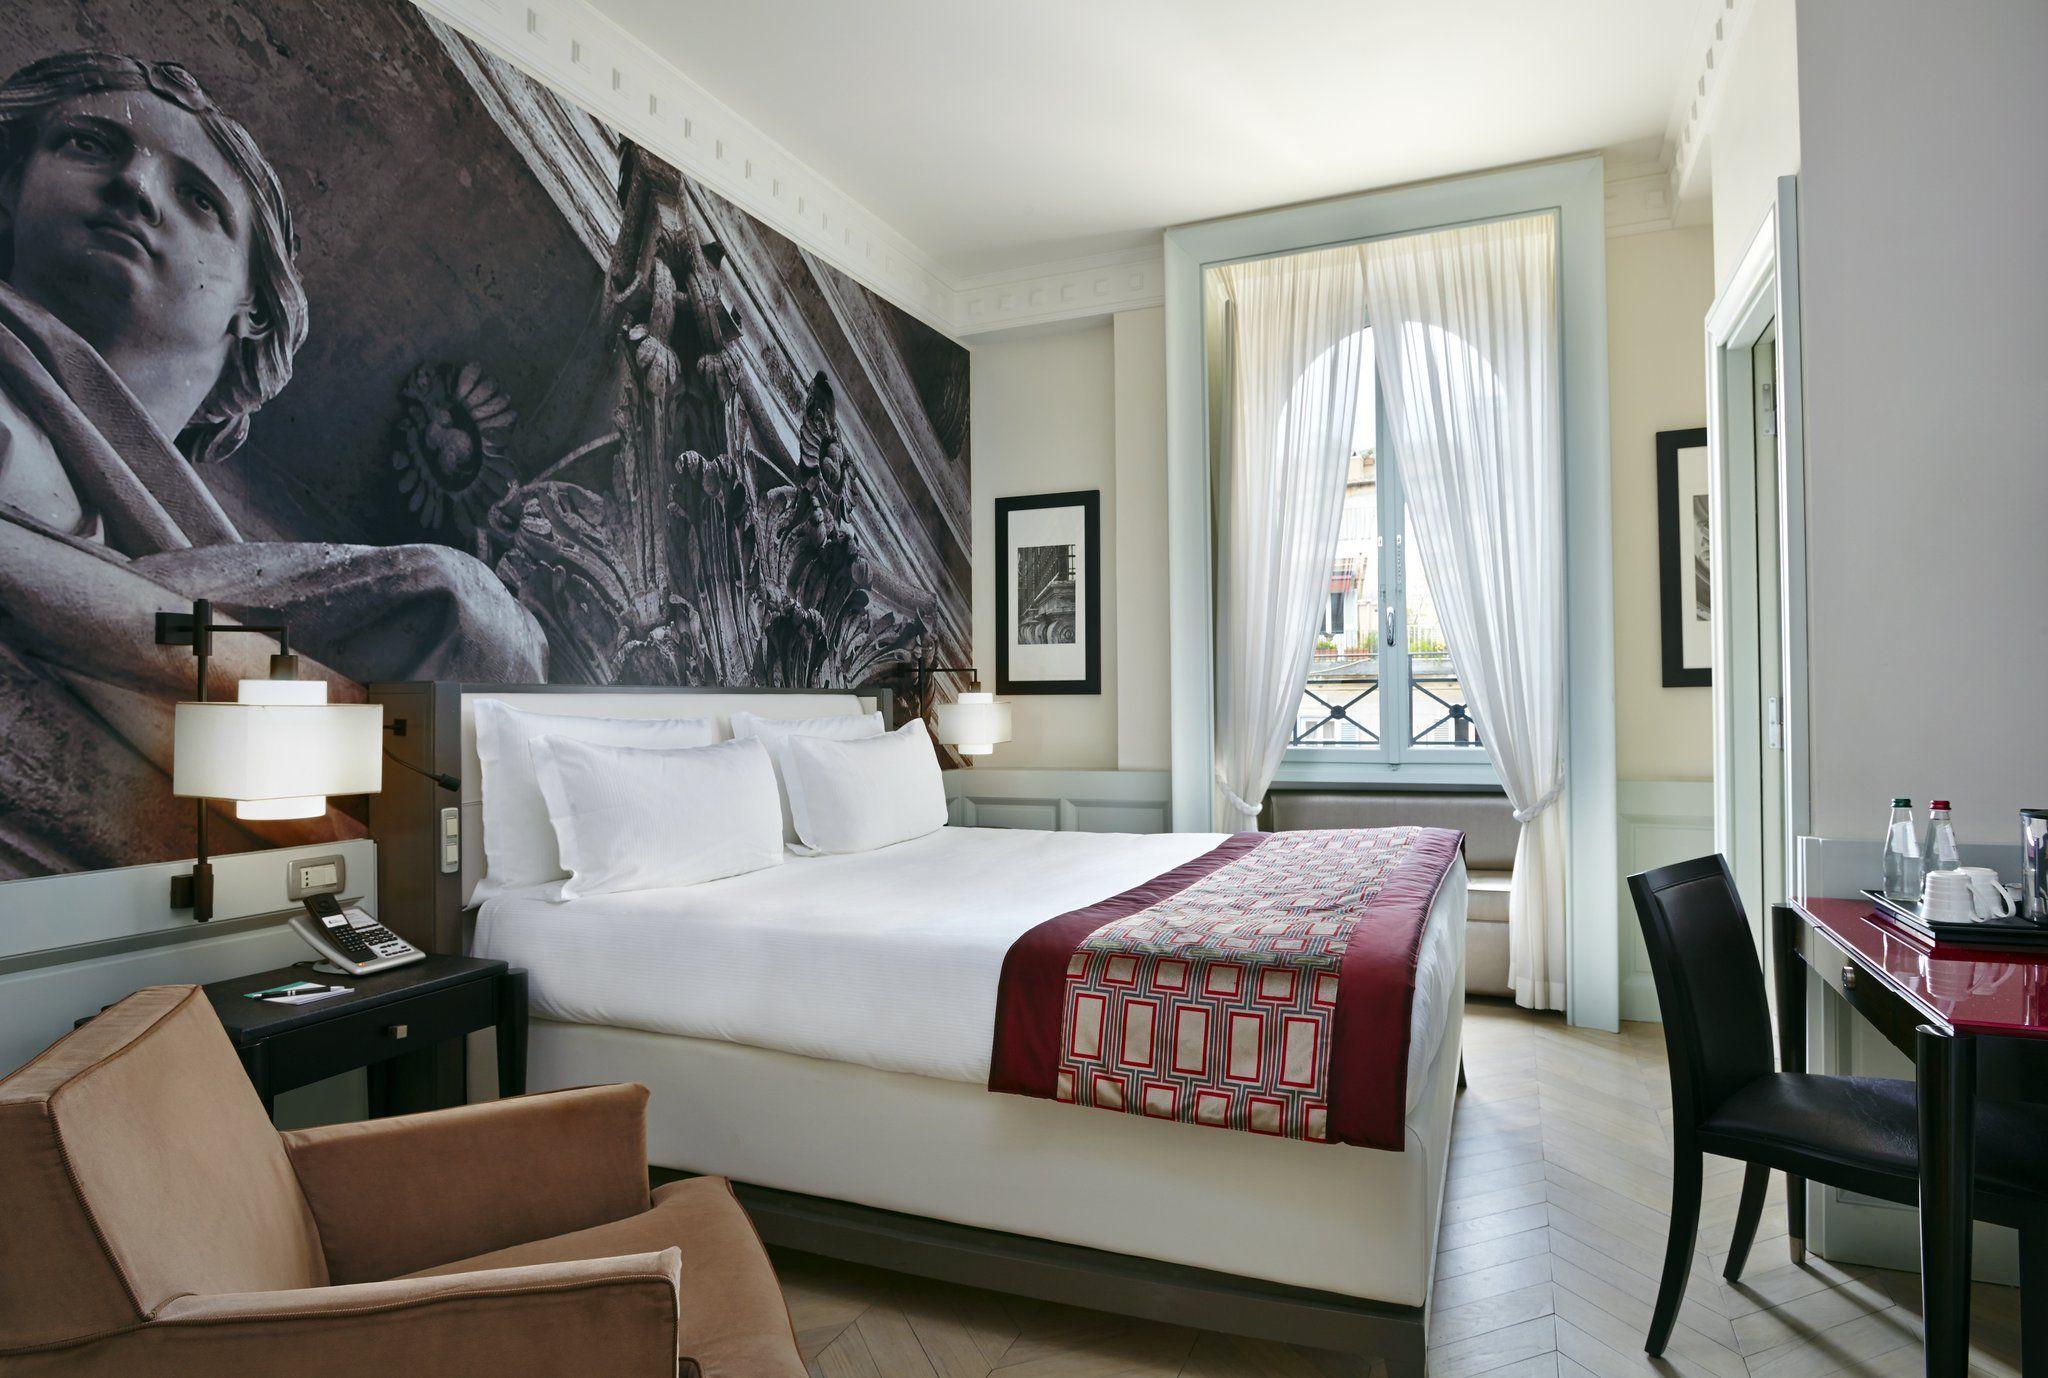 Hotel Quirinale Executive Room